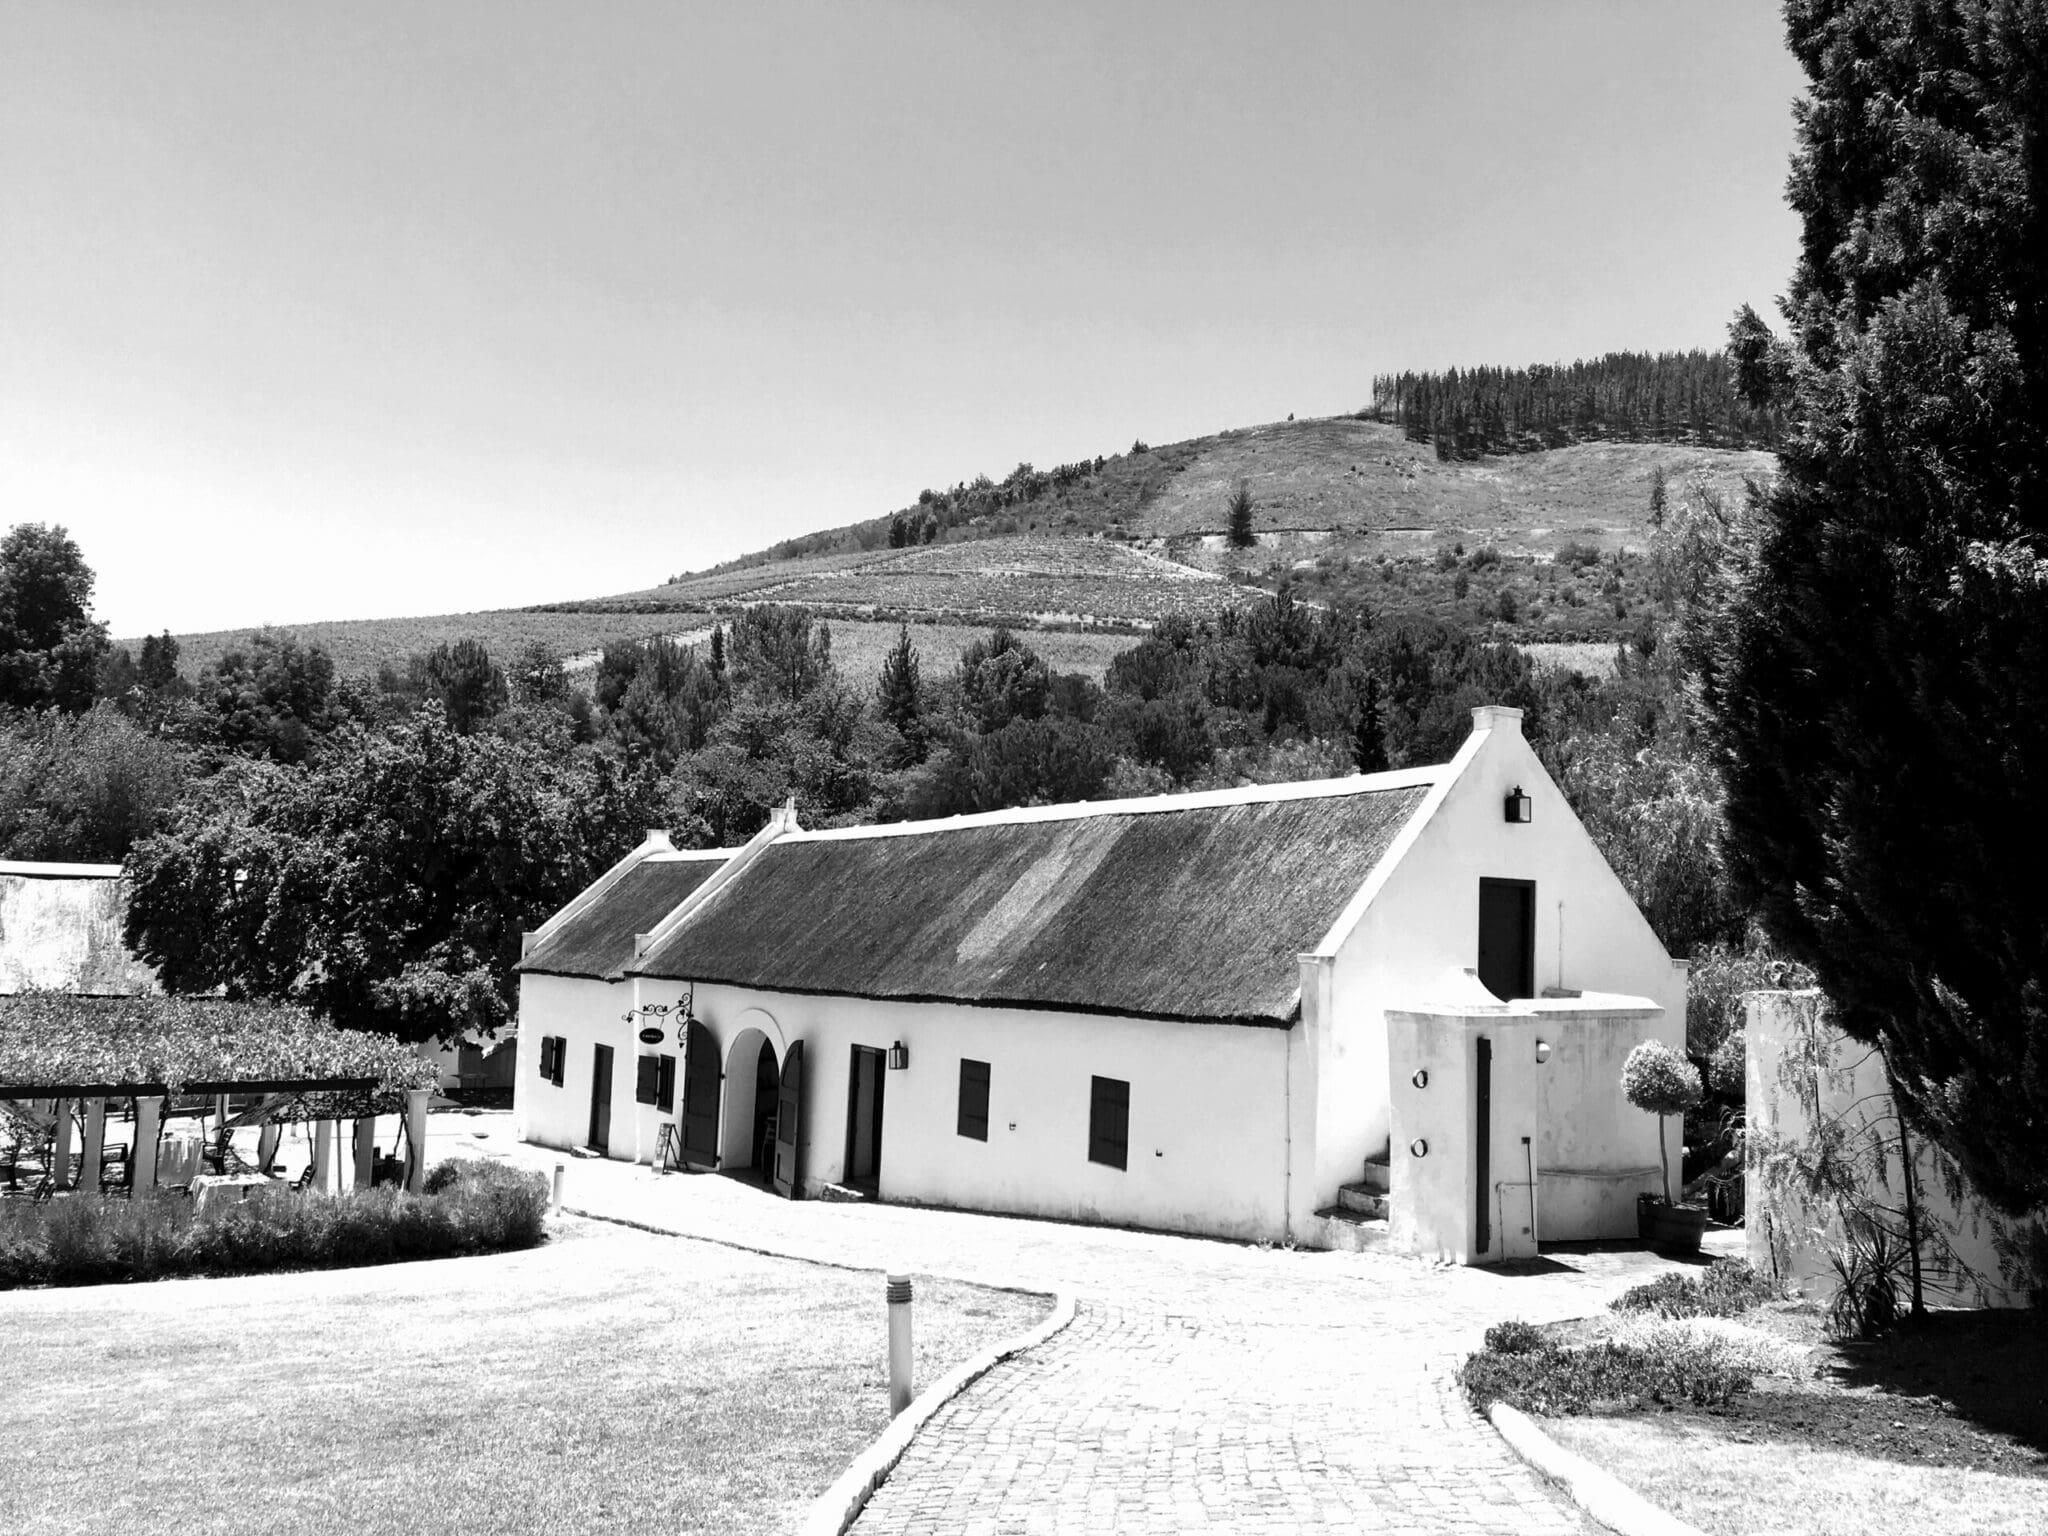 Südafrikanische Weine und Olivenöl - Über Kapvinum